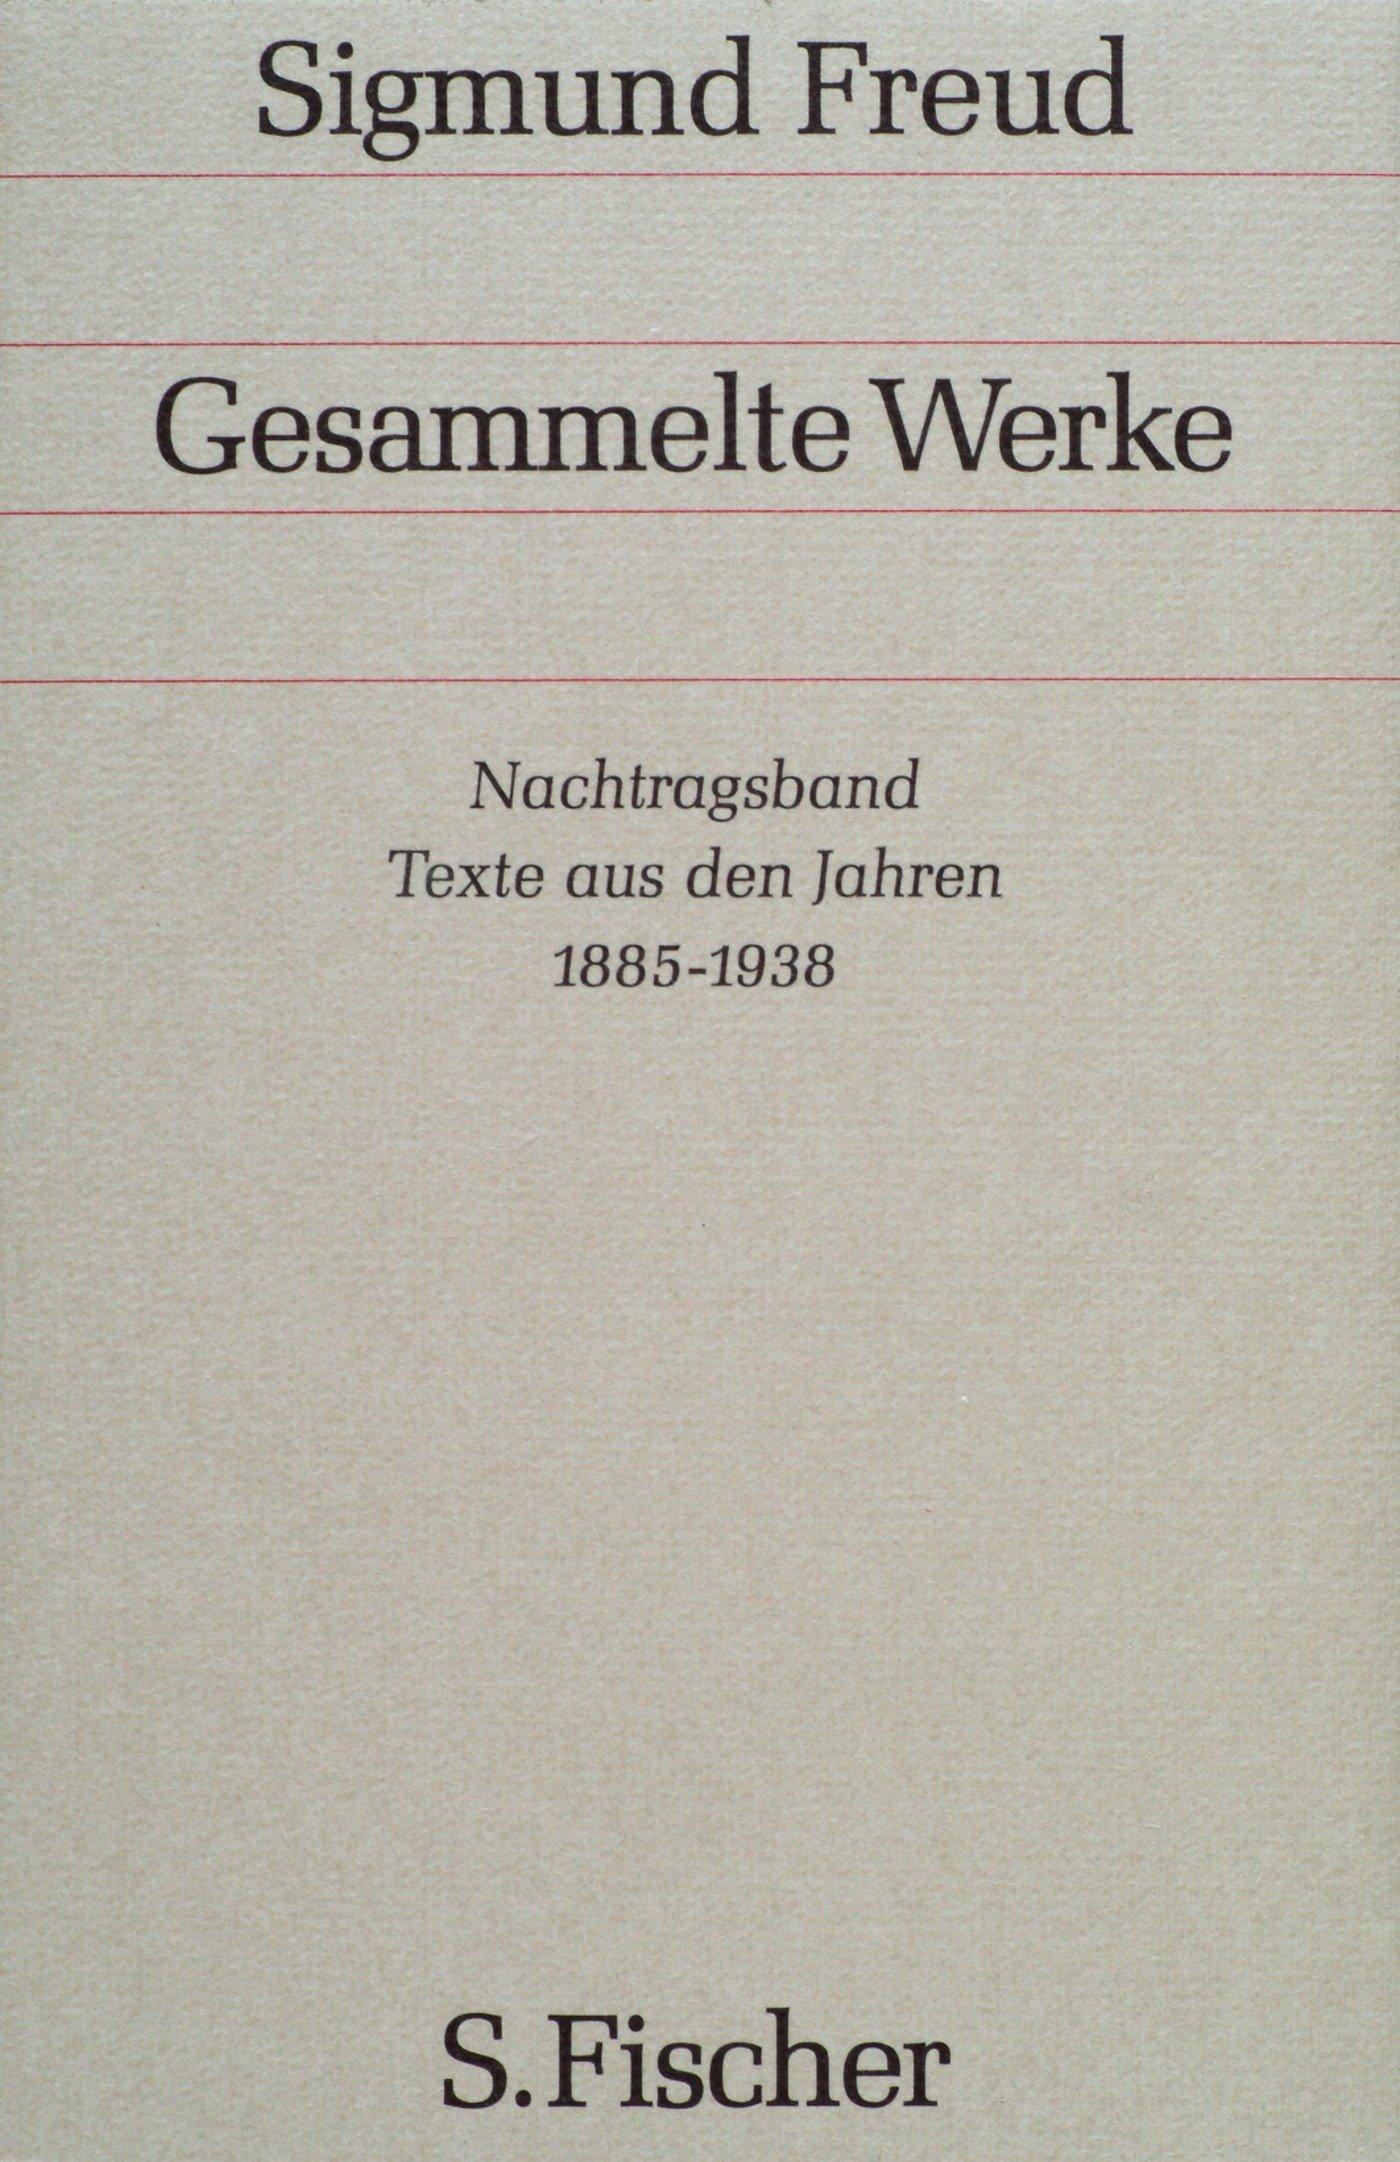 Texte aus den Jahren 1885 bis 1938